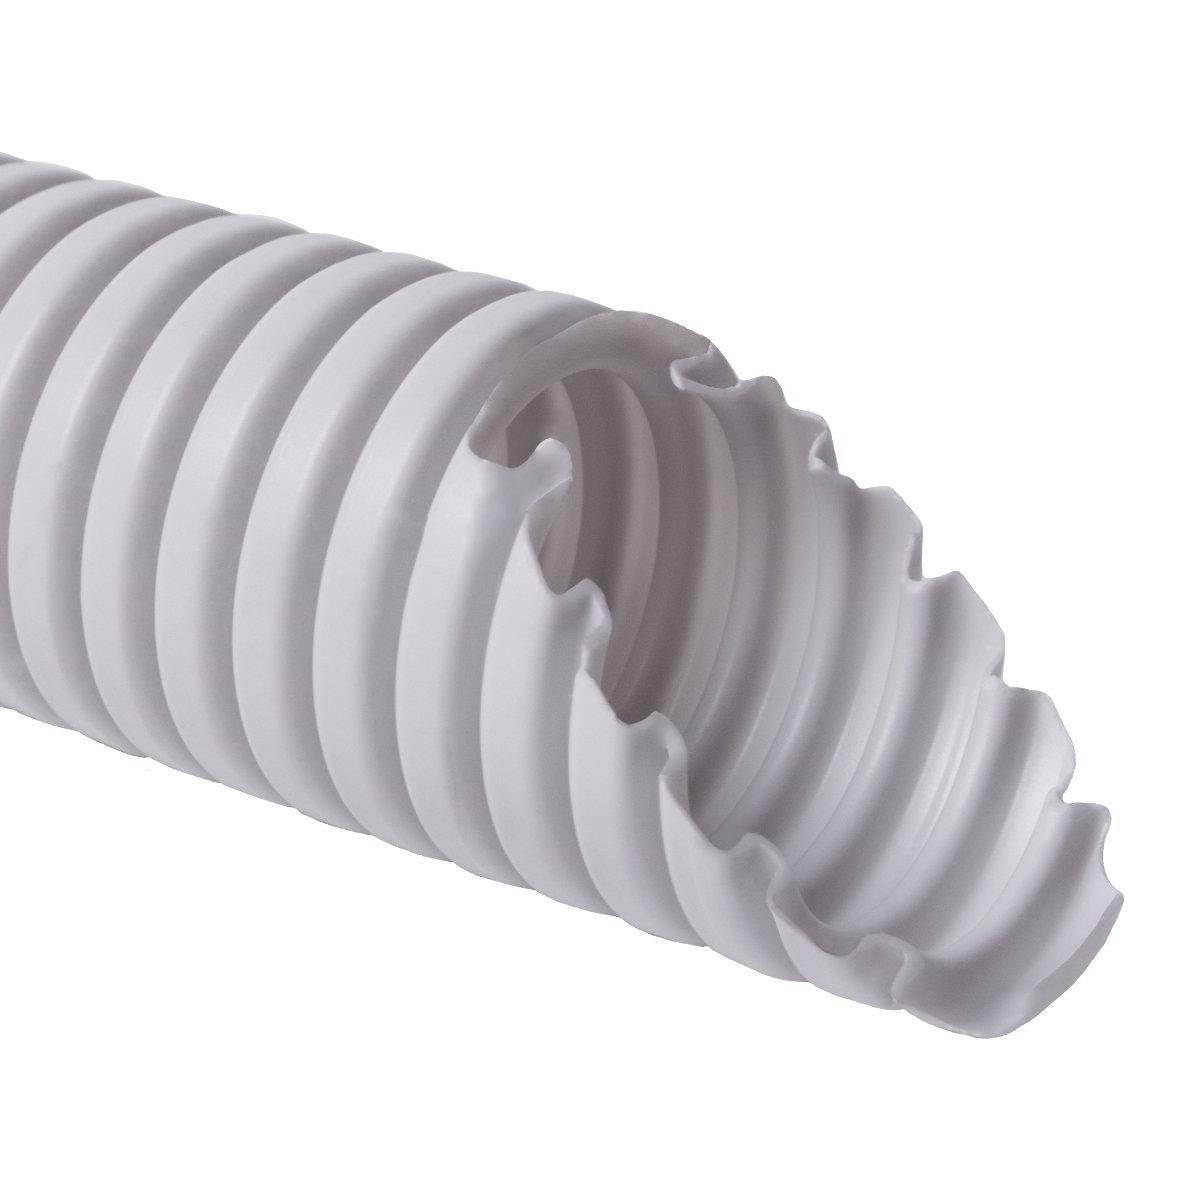 Труба гофрована електромонтажна з протяжкою 320 N/5см; Ø40мм; ПВХ; світло-сіра